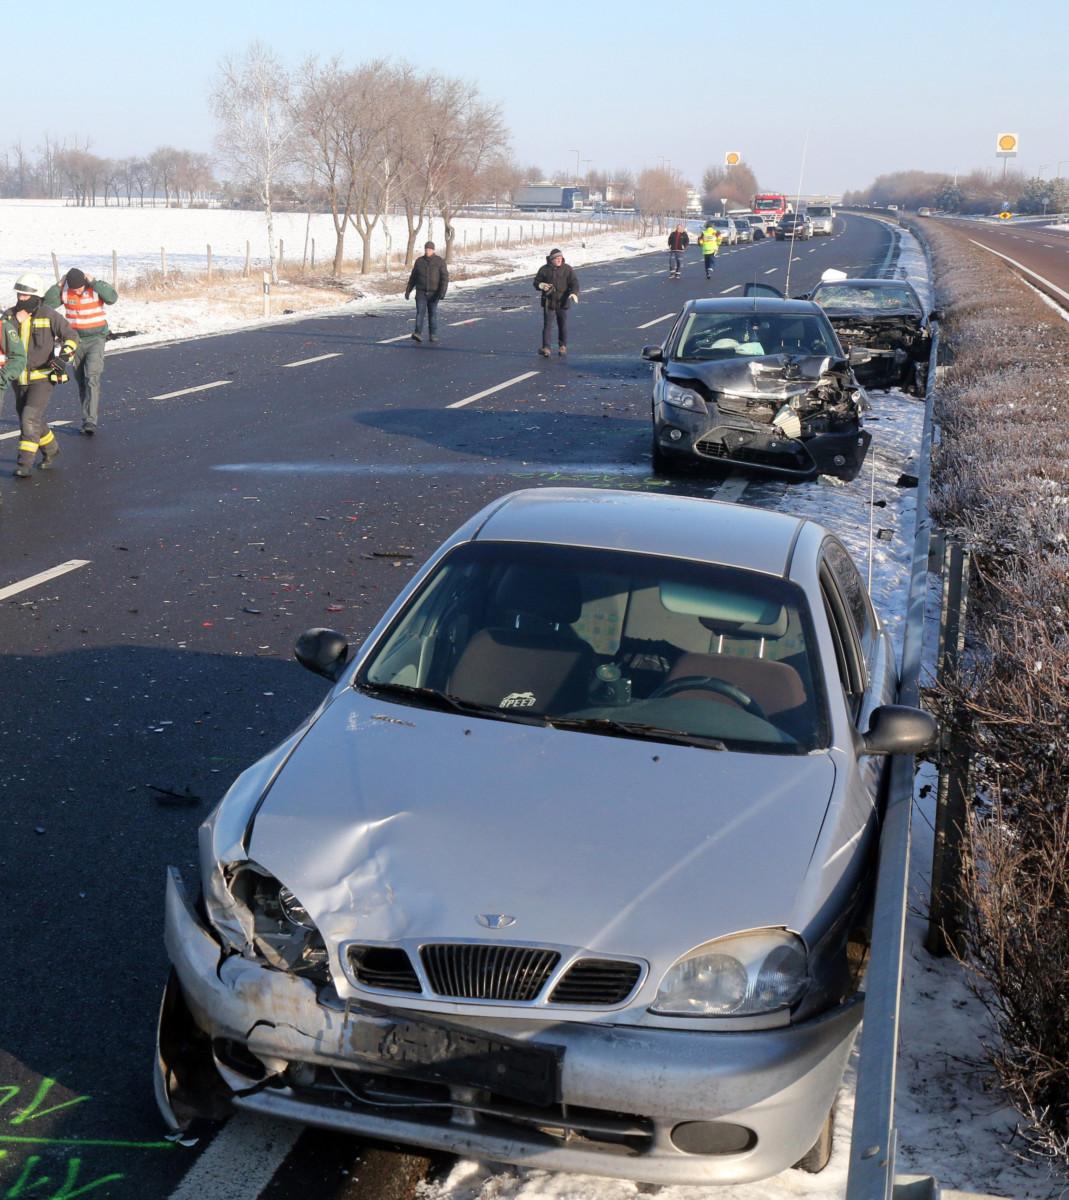 Összeroncsolódott személyautók az M3-as autópályán, Mezőkeresztes térségében 2019. január 21-én.